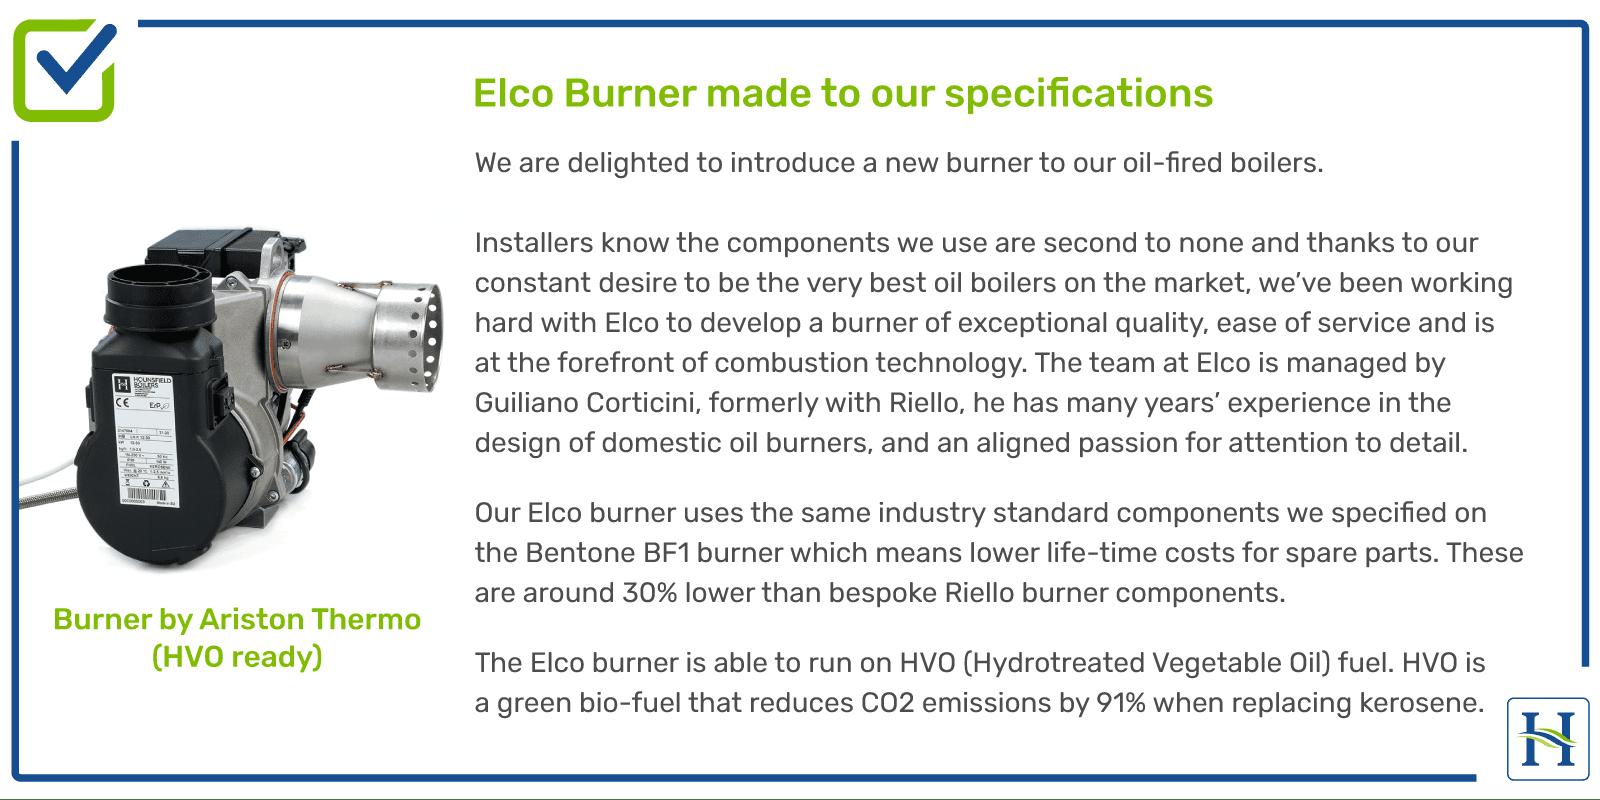 Elco Burner in Hounsfield Boilers